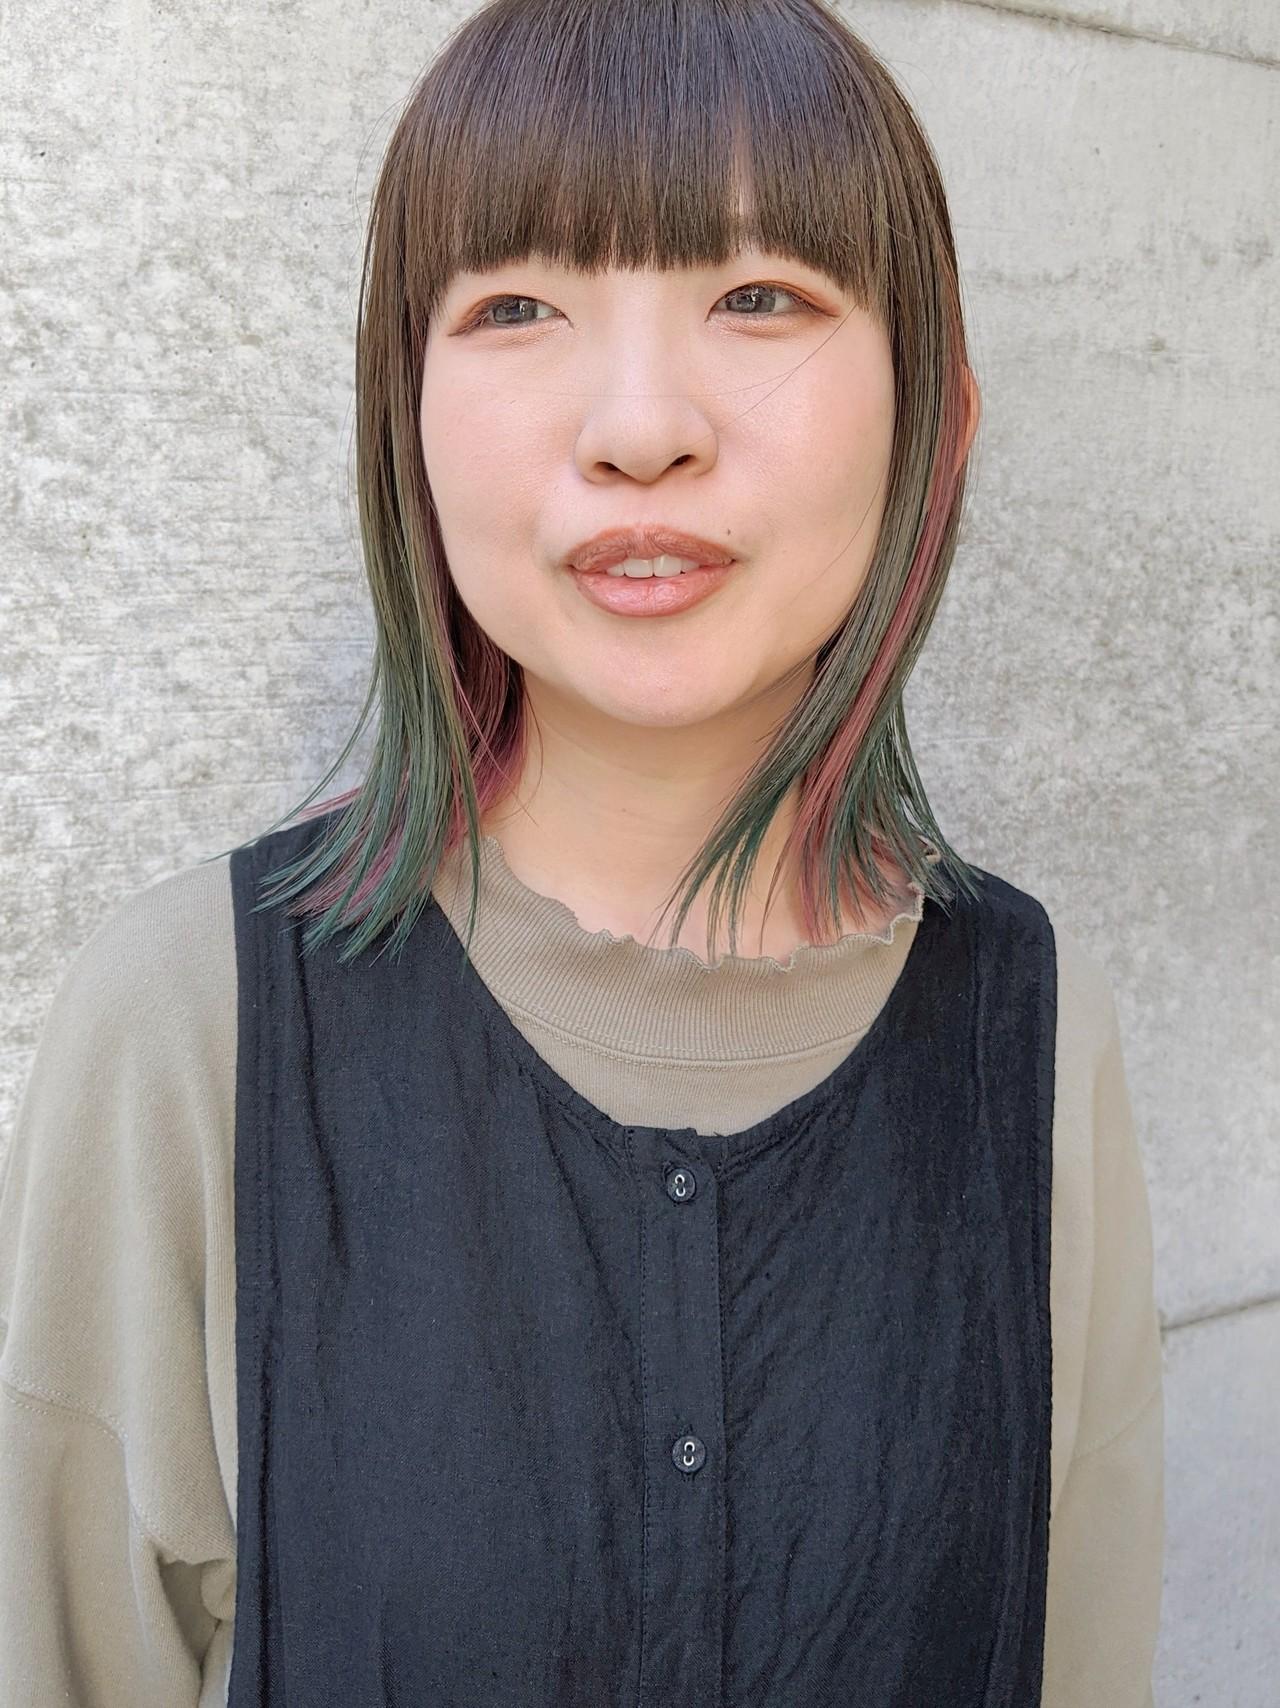 ベリーピンク グラデーションカラー ターコイズブルー ミディアムヘアスタイルや髪型の写真・画像